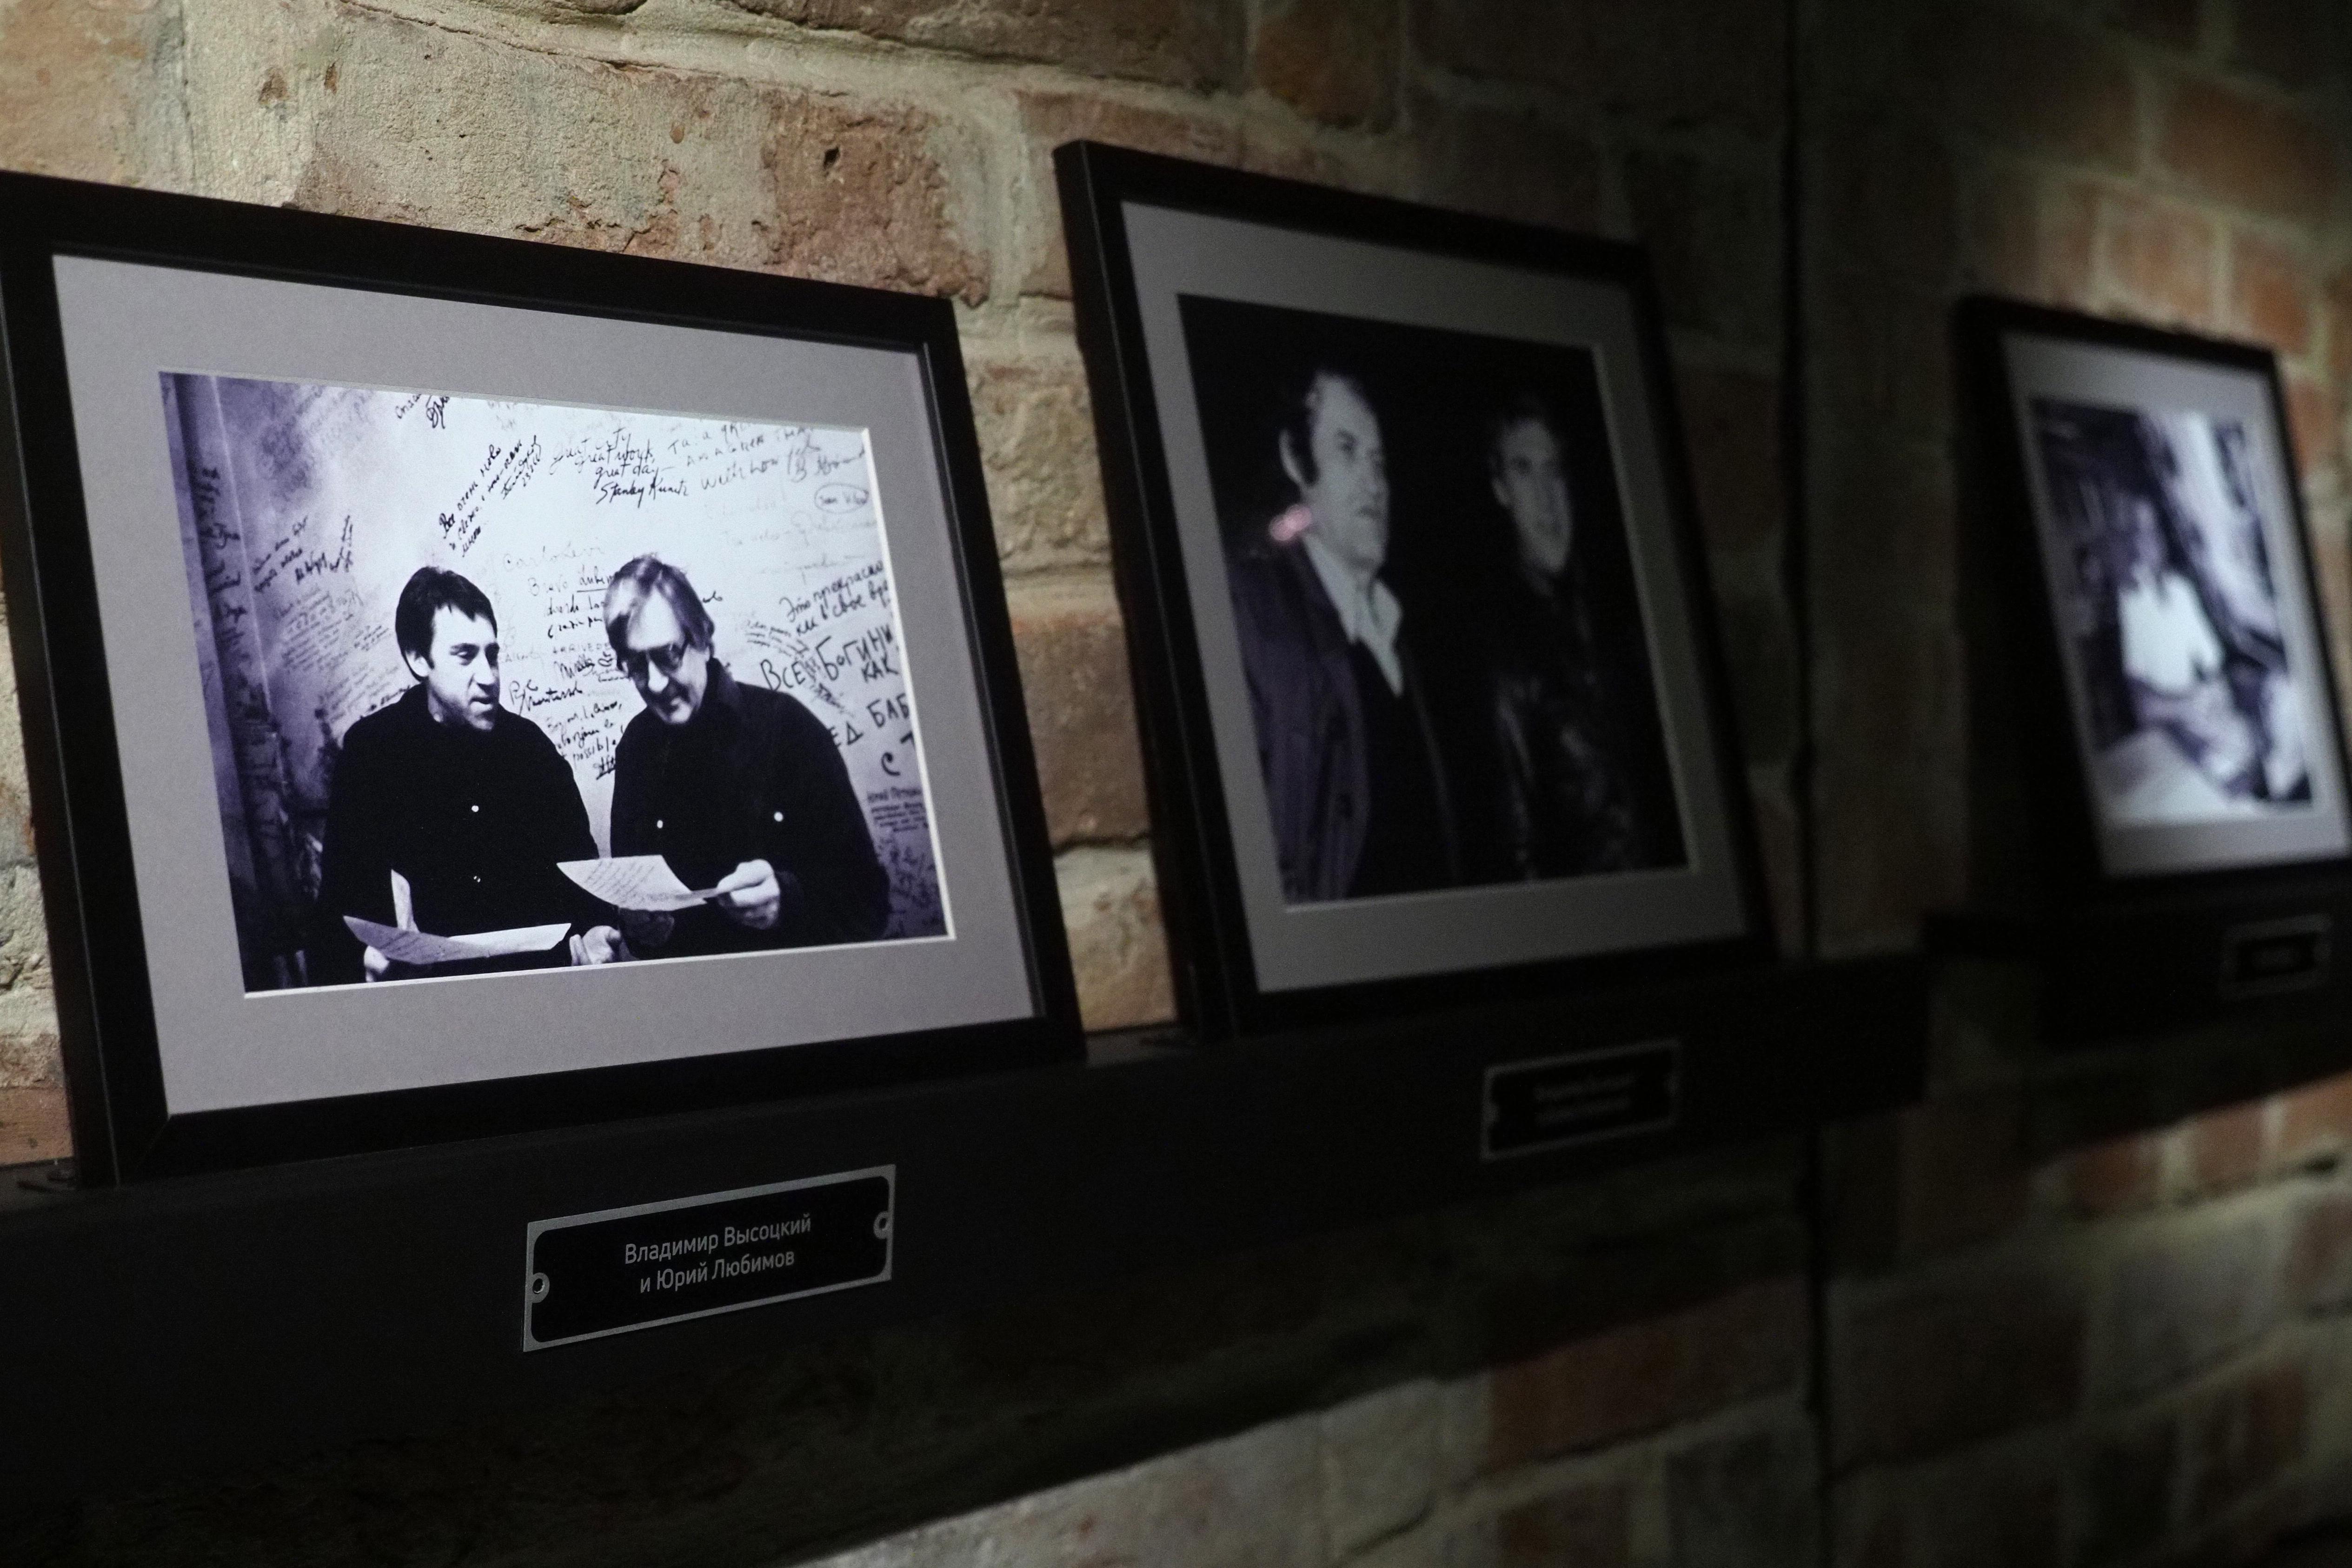 Книжную выставку о жизни и творчестве Владимира Высоцкого организовали в Первомайском